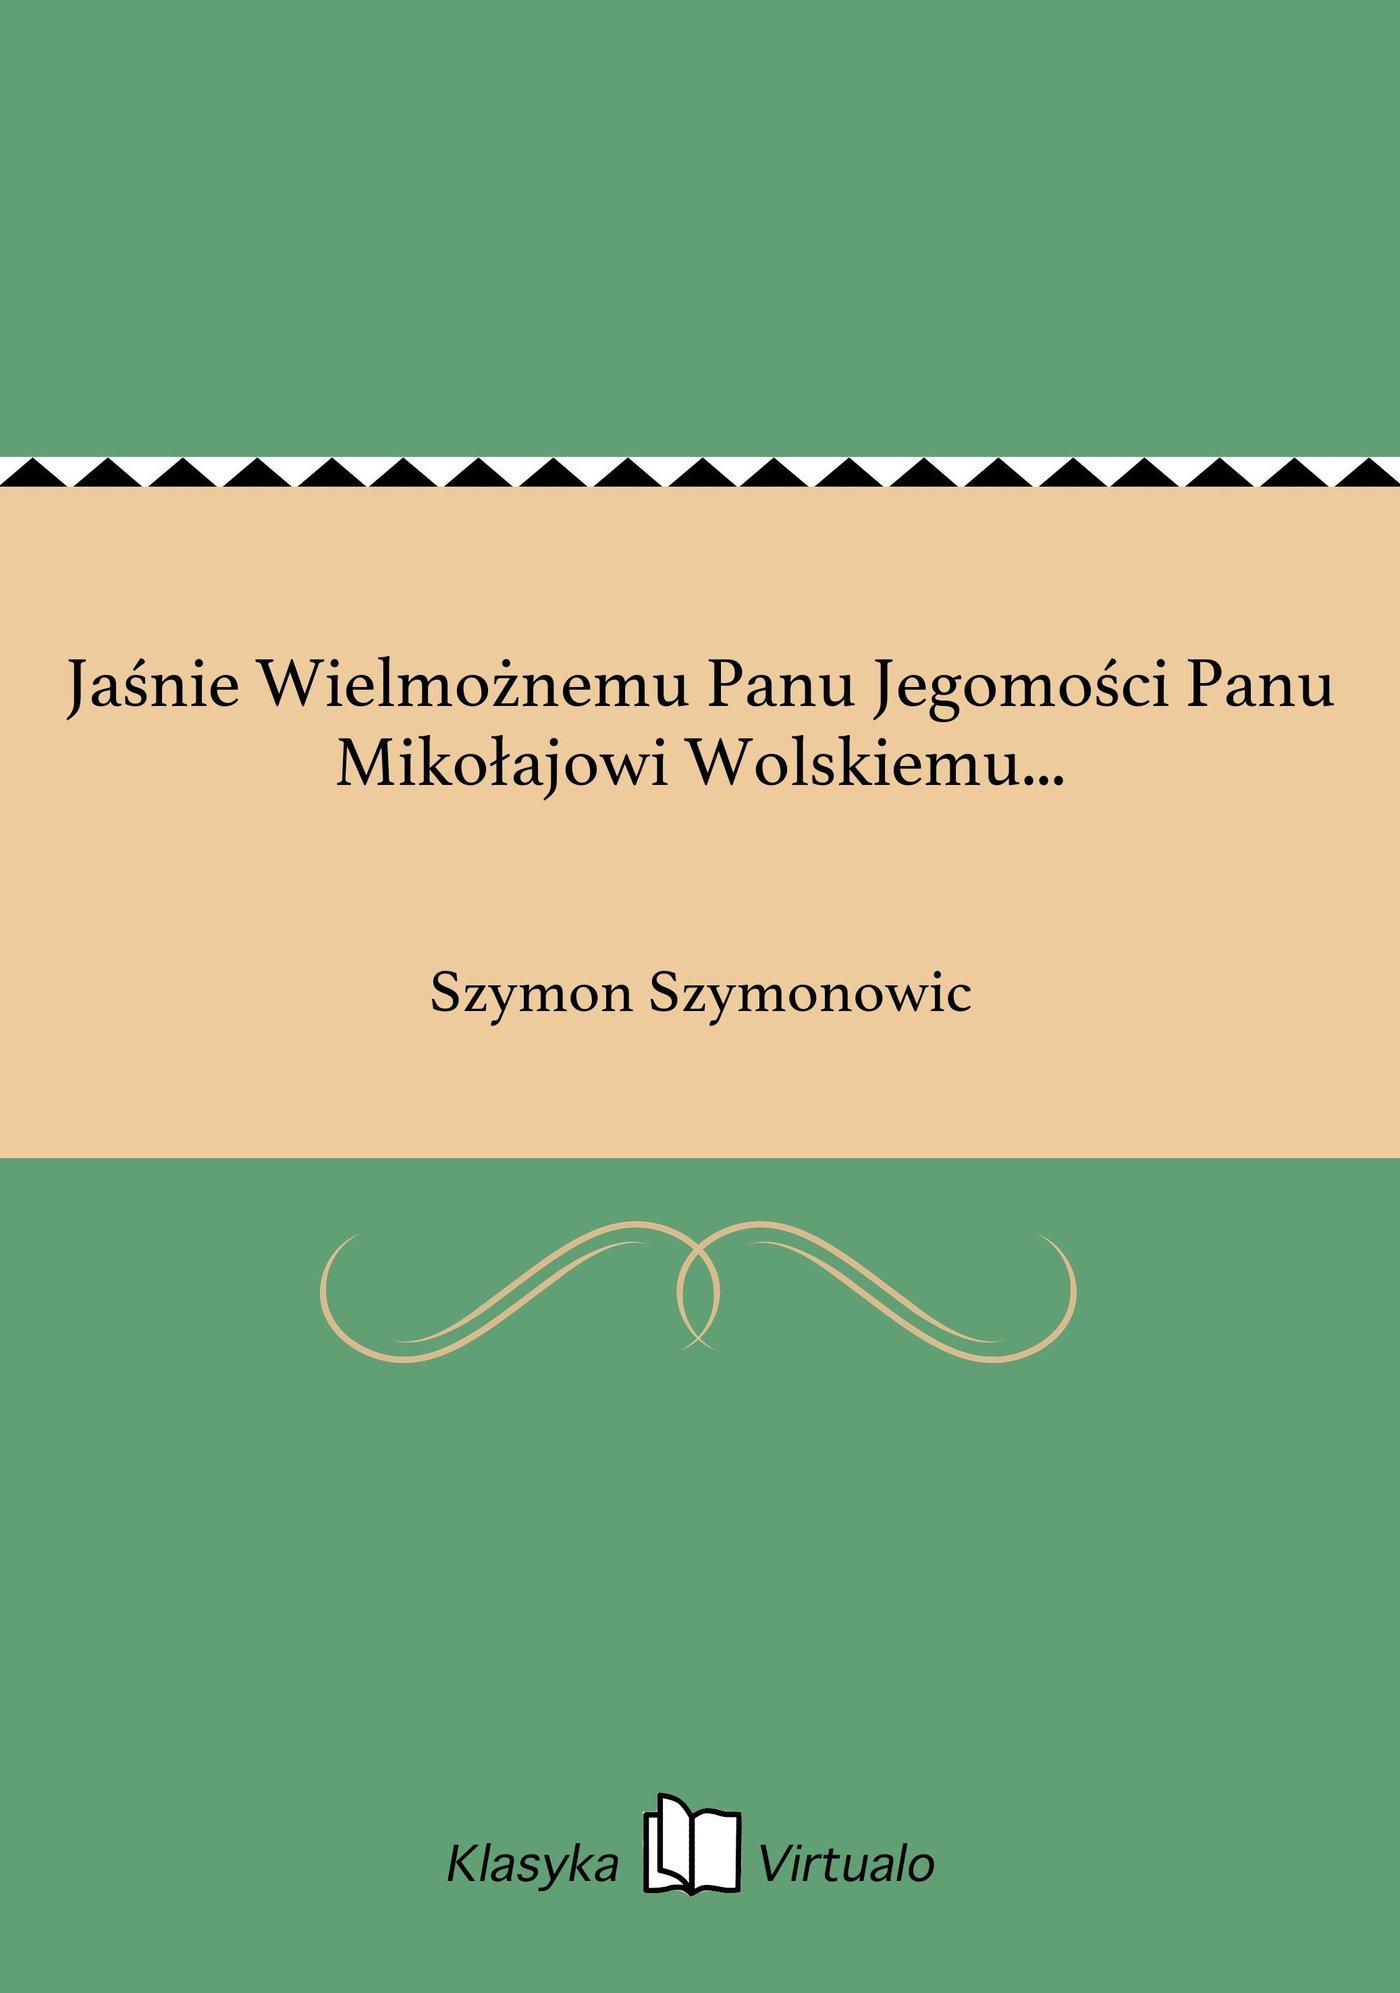 Jaśnie Wielmożnemu Panu Jegomości Panu Mikołajowi Wolskiemu... - Ebook (Książka EPUB) do pobrania w formacie EPUB